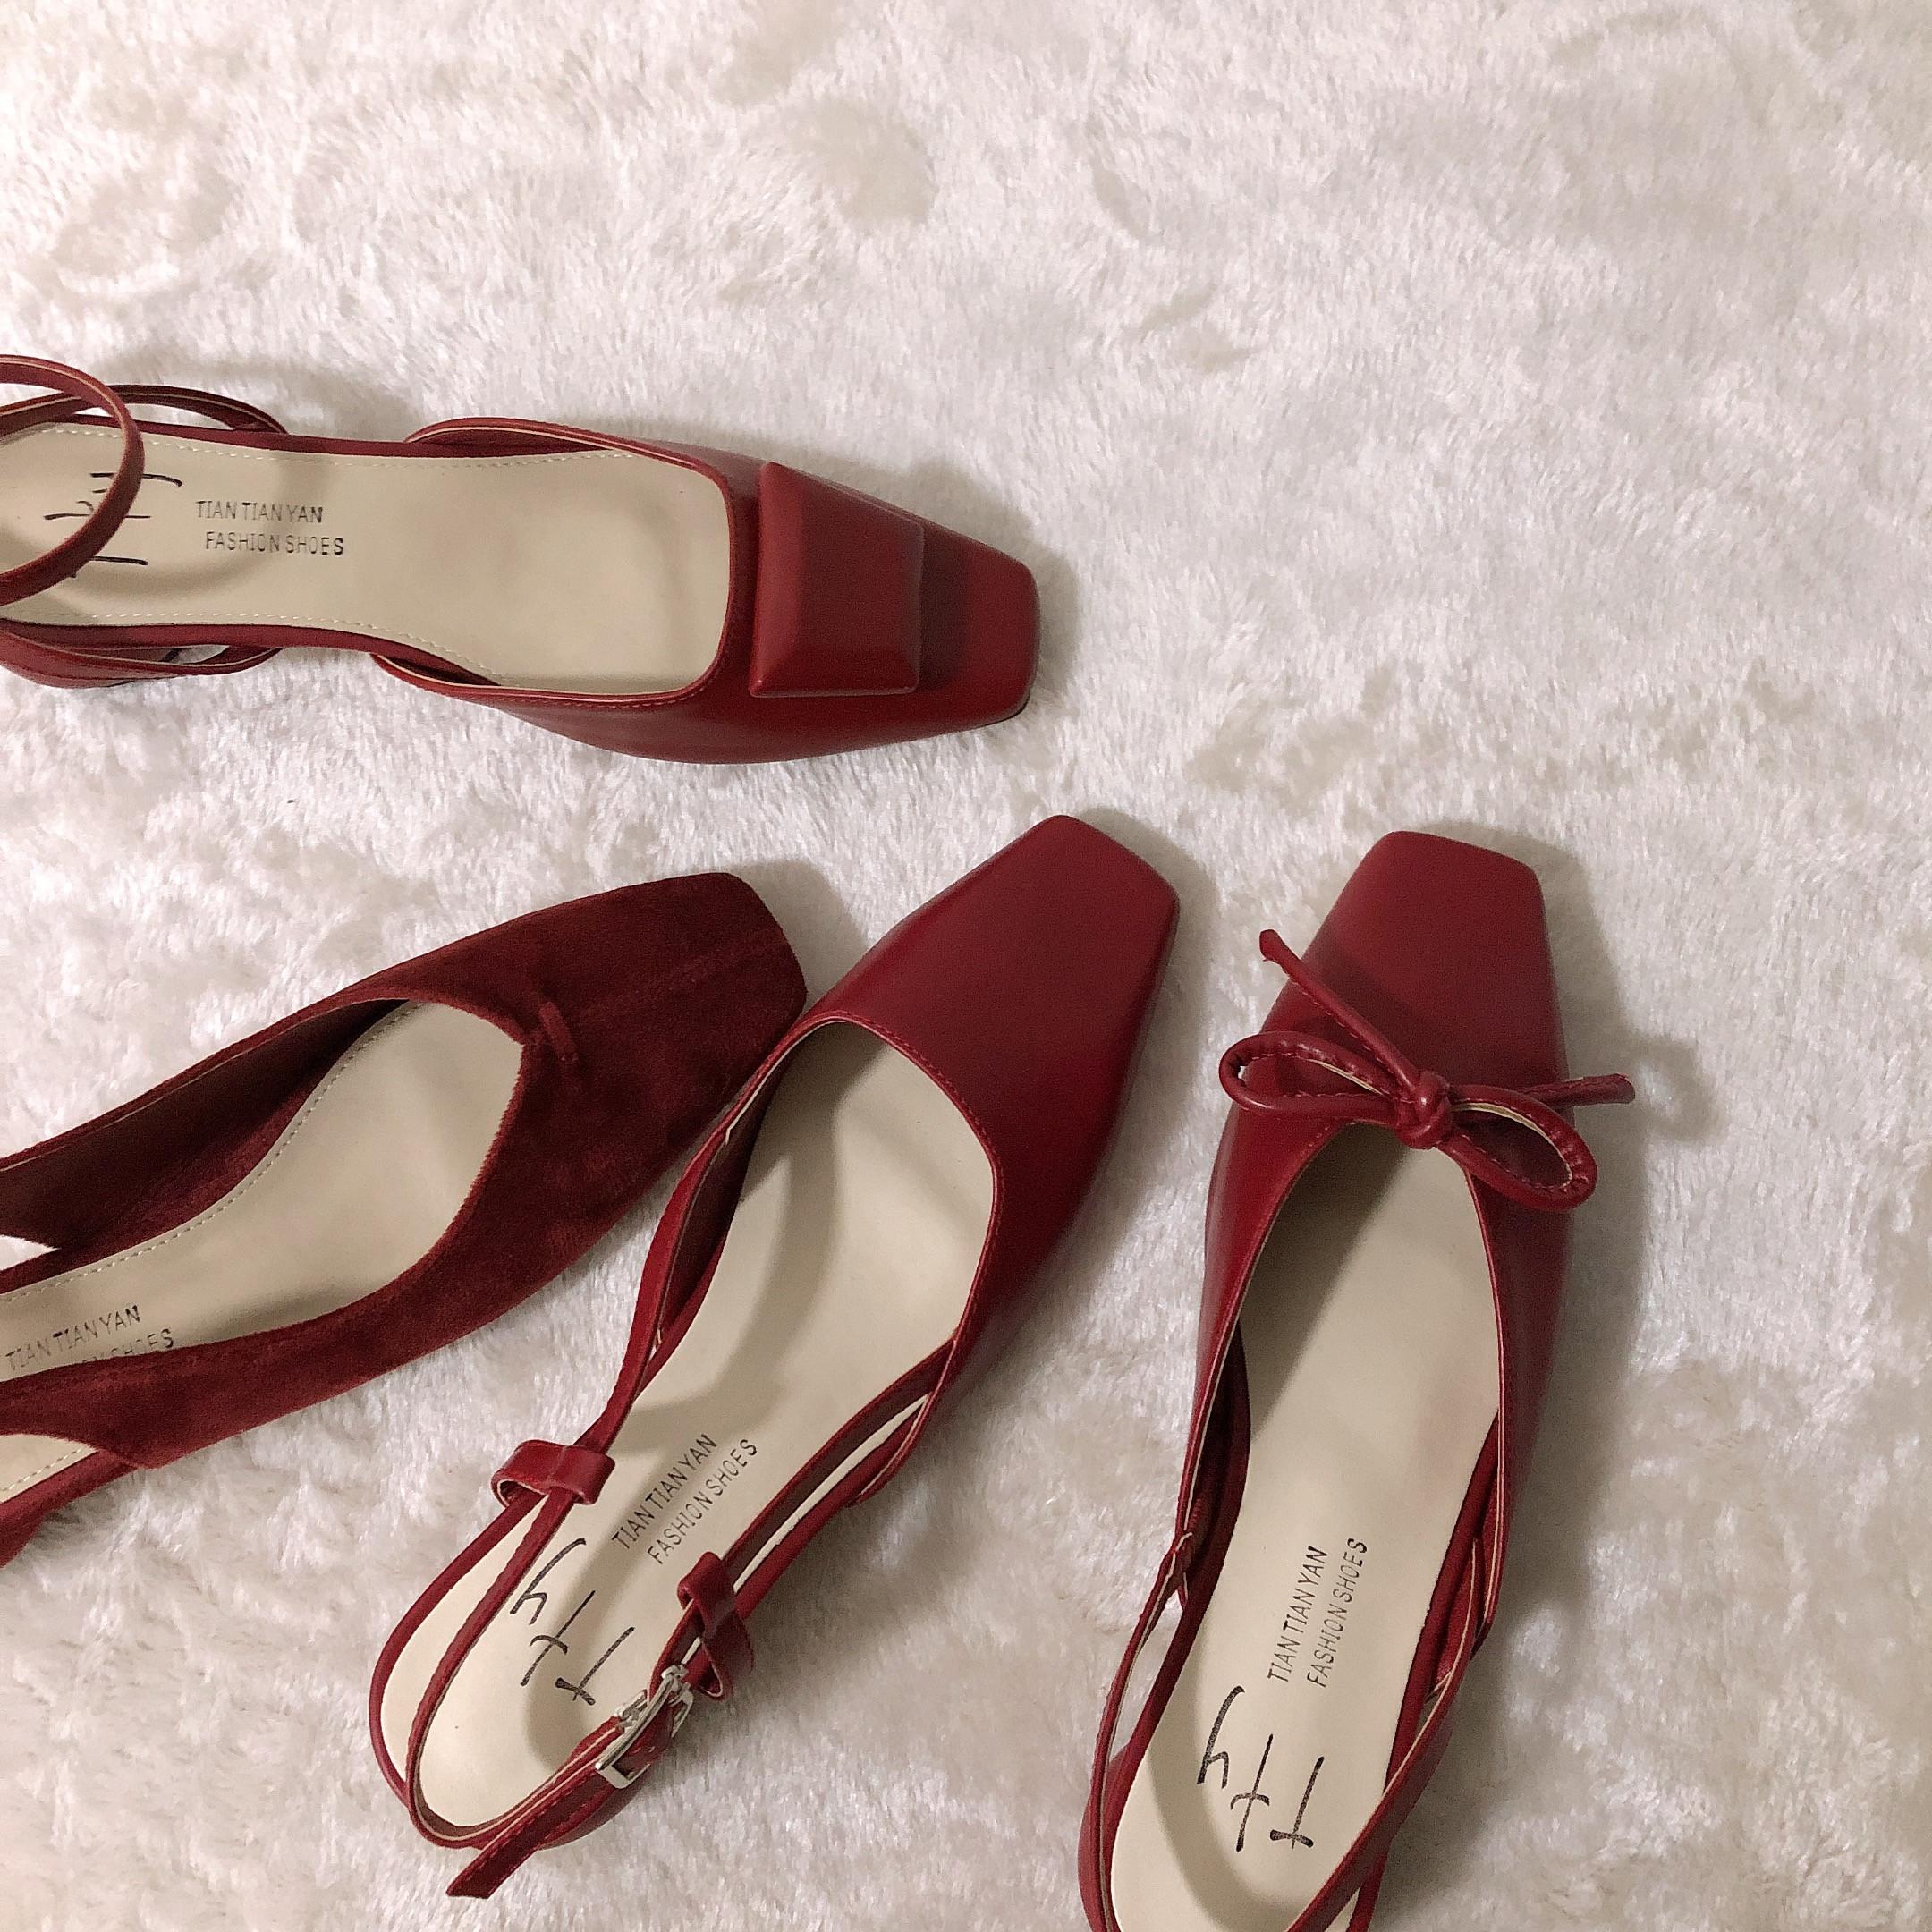 红色凉鞋 本期必入敲美红色系方头后空蝴蝶结粗跟鞋方扣浅口包头夏季凉鞋女_推荐淘宝好看的红色凉鞋